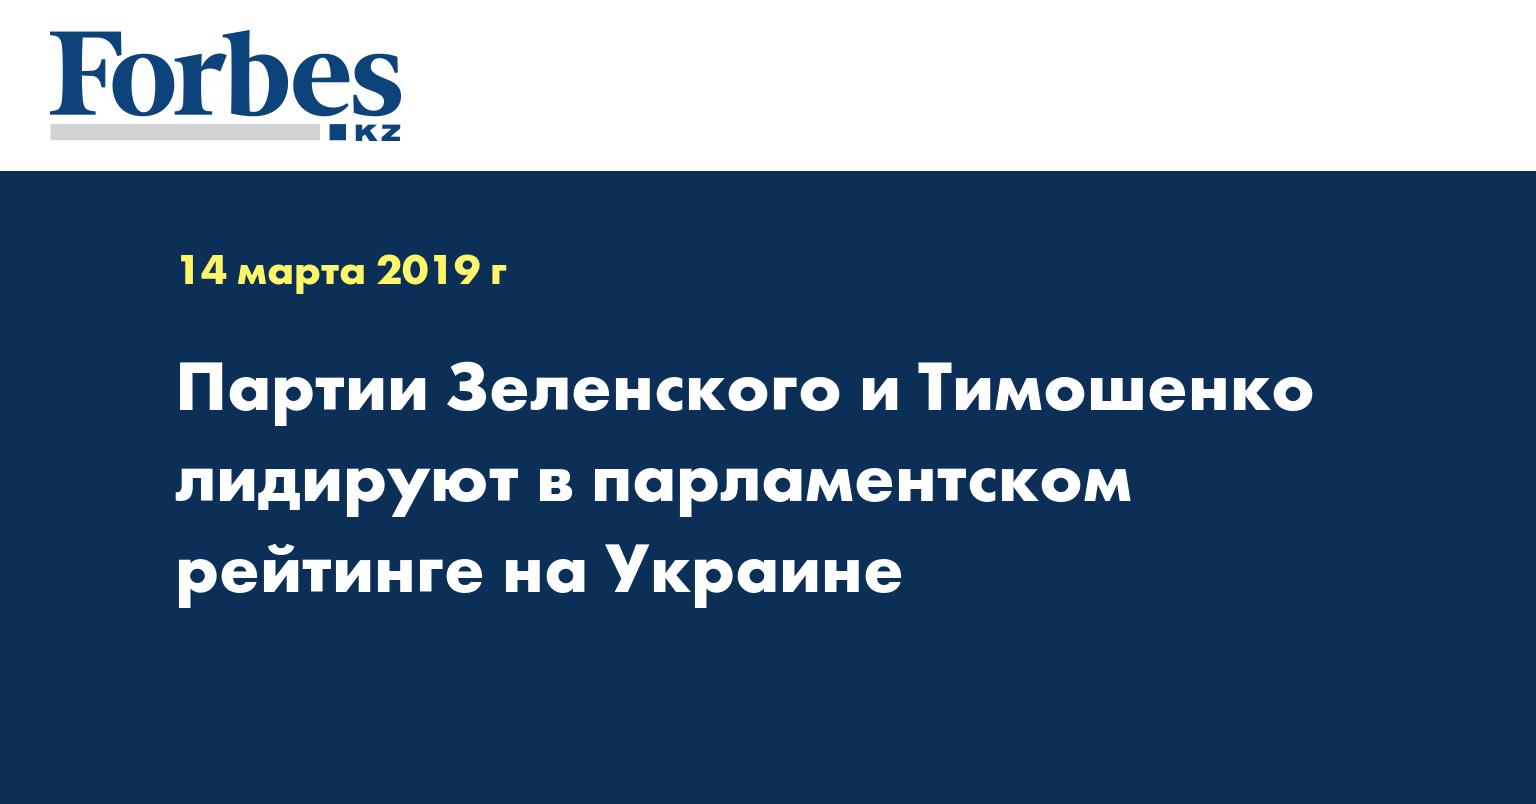 Партии Зеленского и Тимошенко лидируют в парламентском рейтинге на Украине